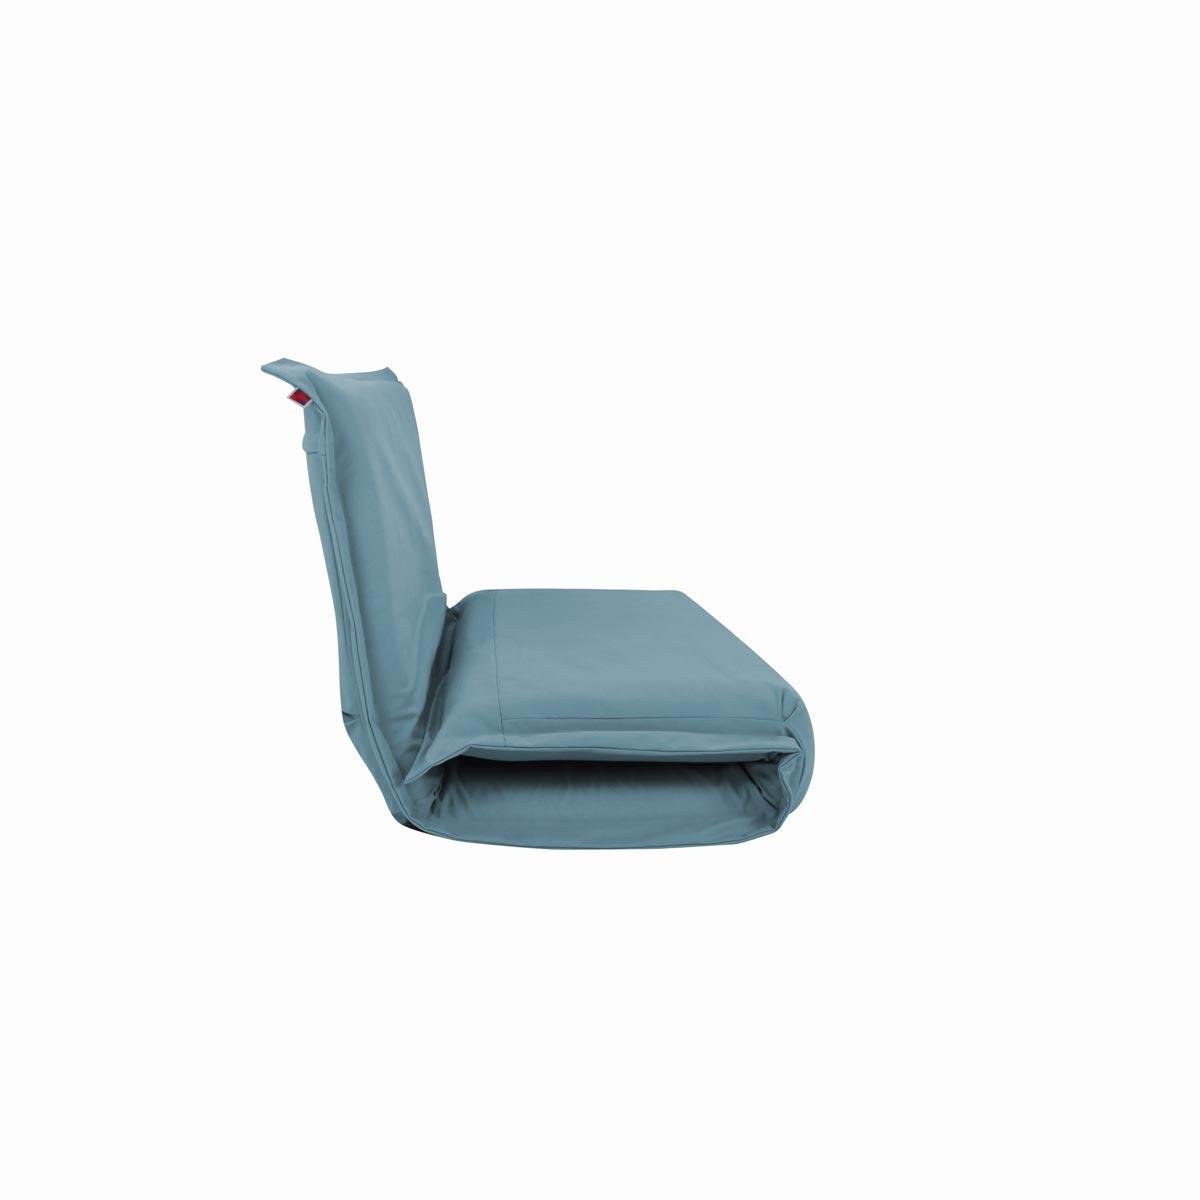 Pufe ClicClac Duo Lounge Tecido LN03 Azul Ceu 03 04